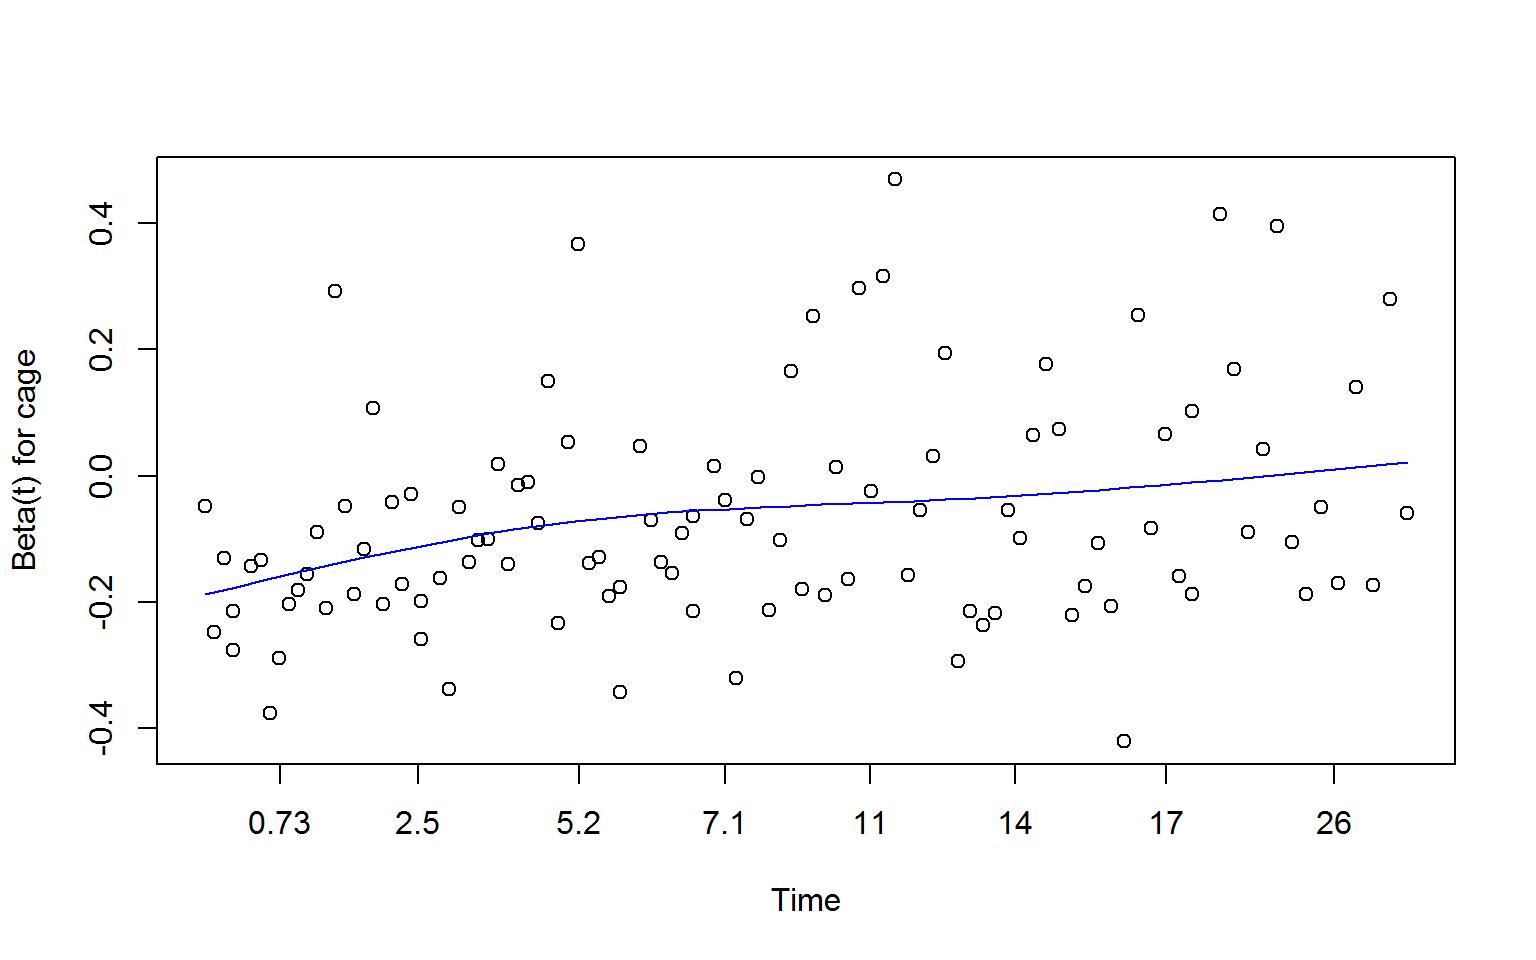 Image ch15_Figure-15.5-schoenfeld-residuals-coxzph-3